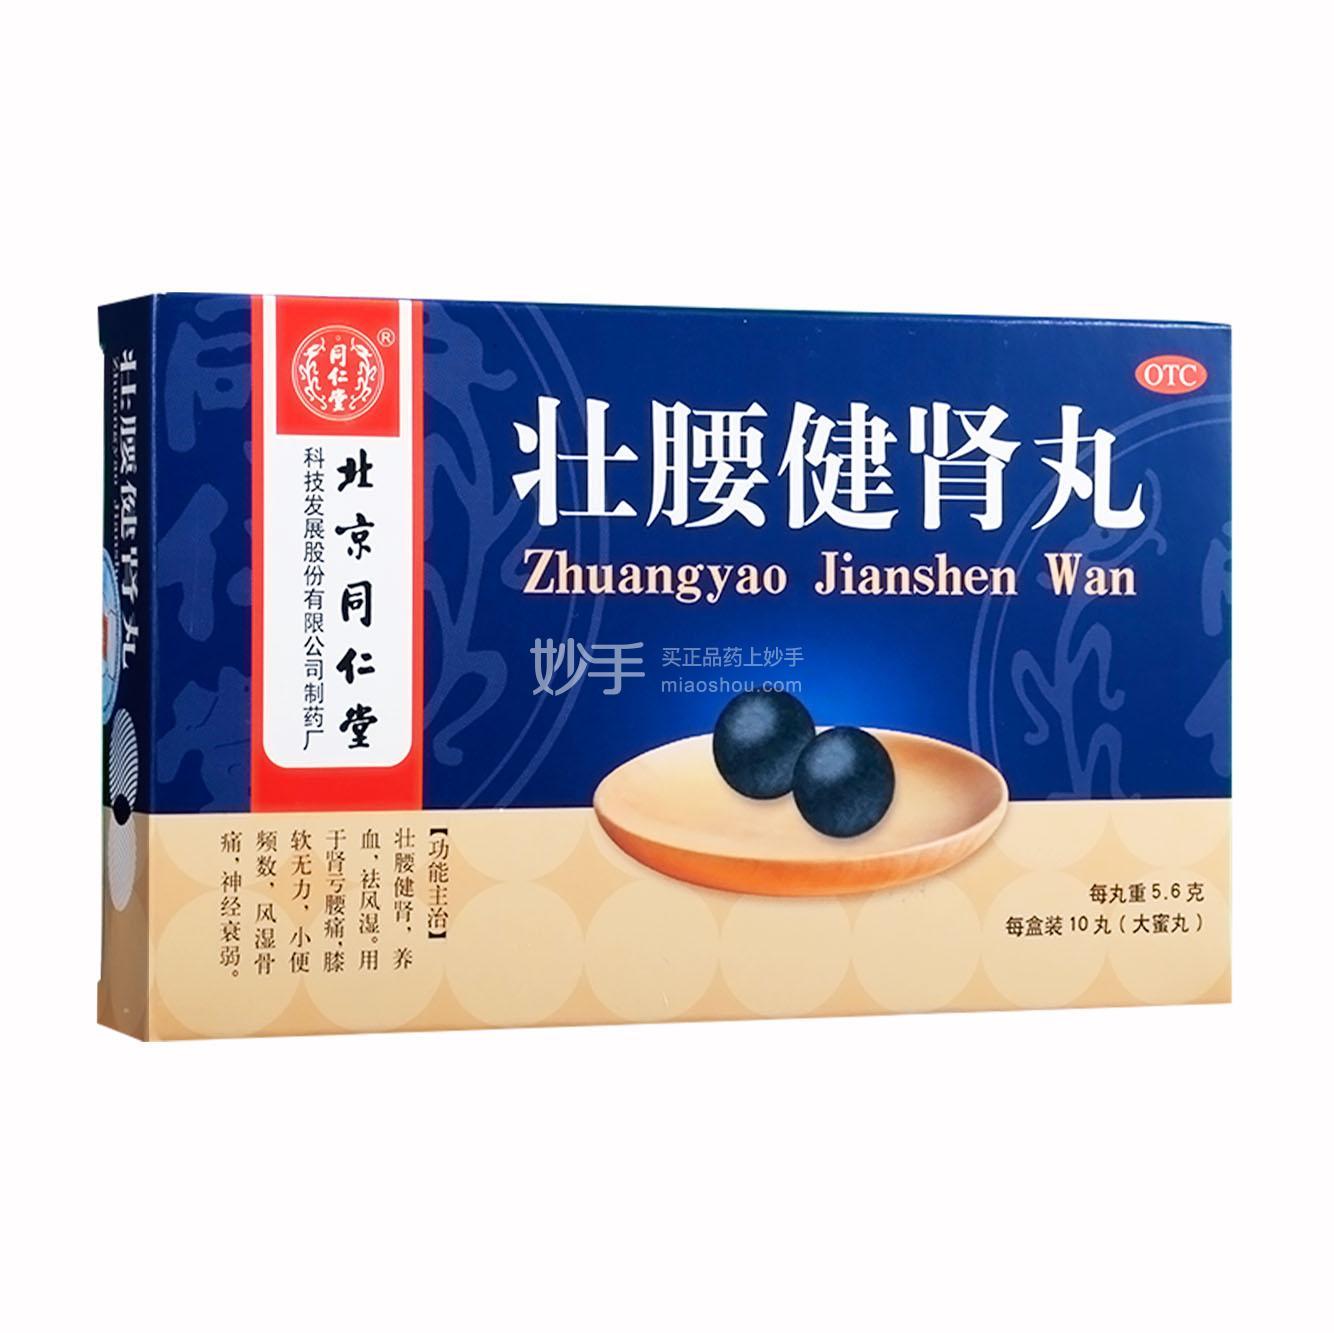 同仁堂 壮腰健肾丸(大蜜丸) 5.6g*10丸